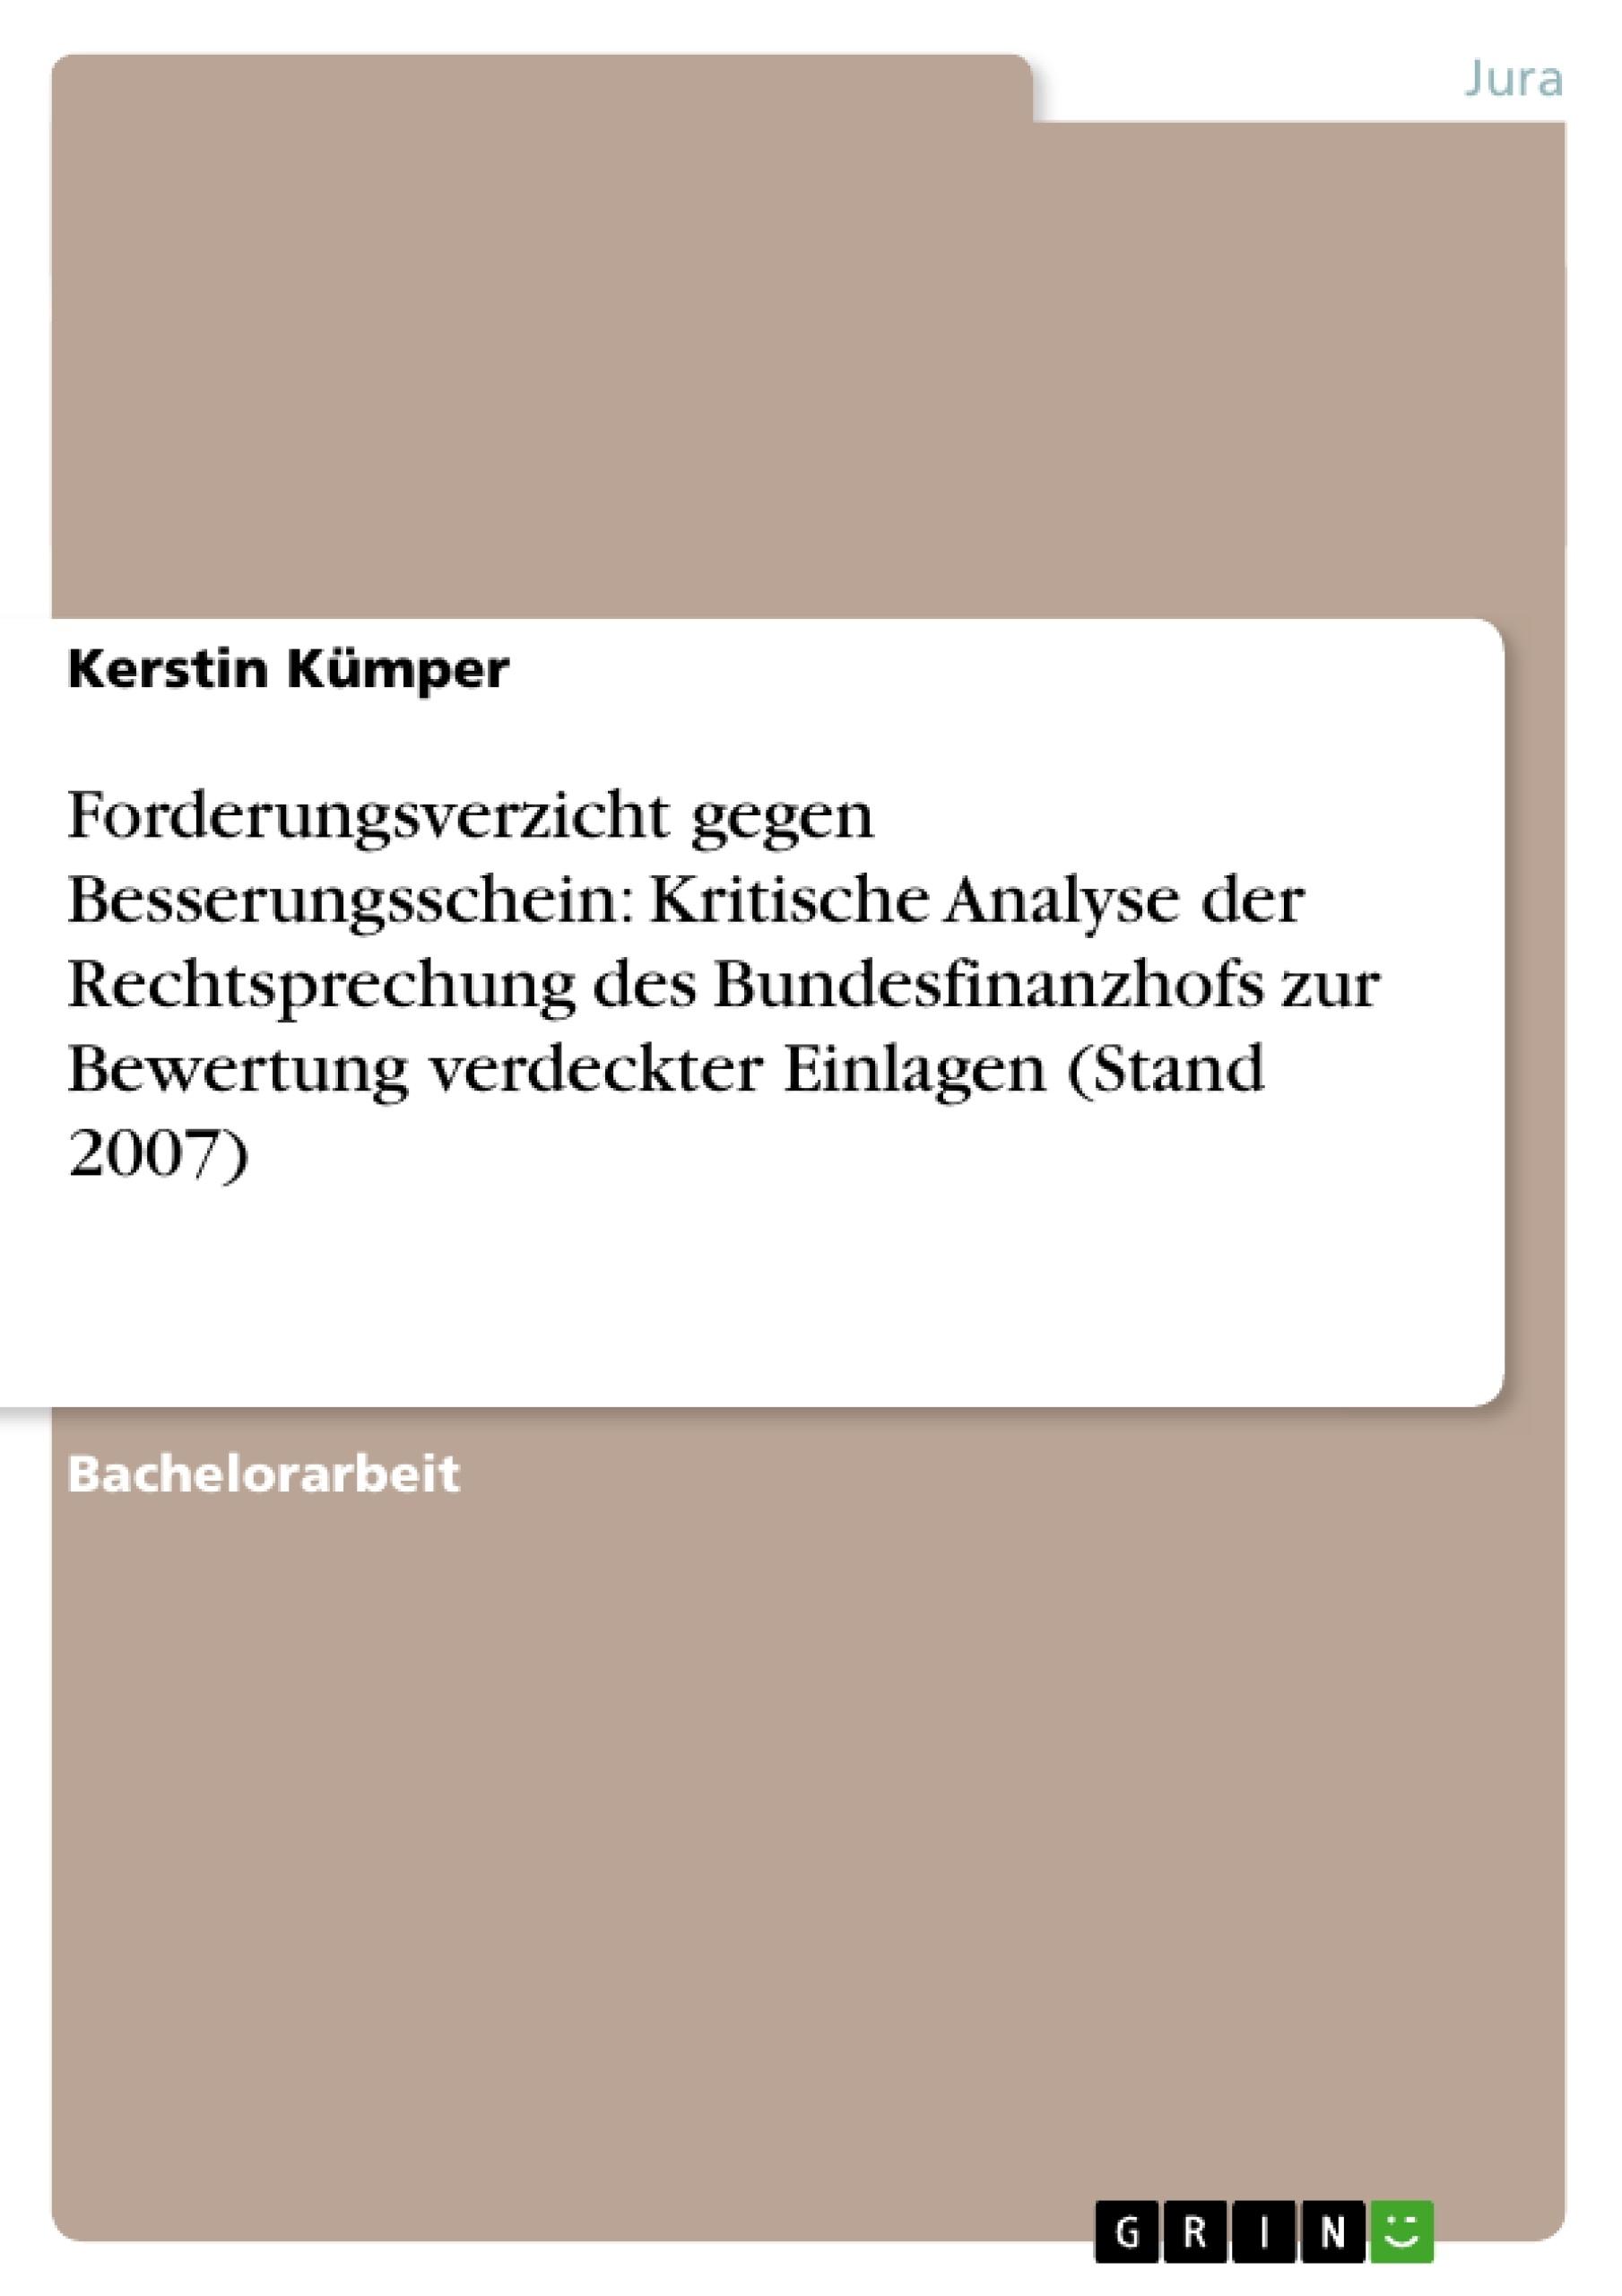 Titel: Forderungsverzicht gegen Besserungsschein: Kritische Analyse der Rechtsprechung des Bundesfinanzhofs zur Bewertung verdeckter Einlagen (Stand 2007)